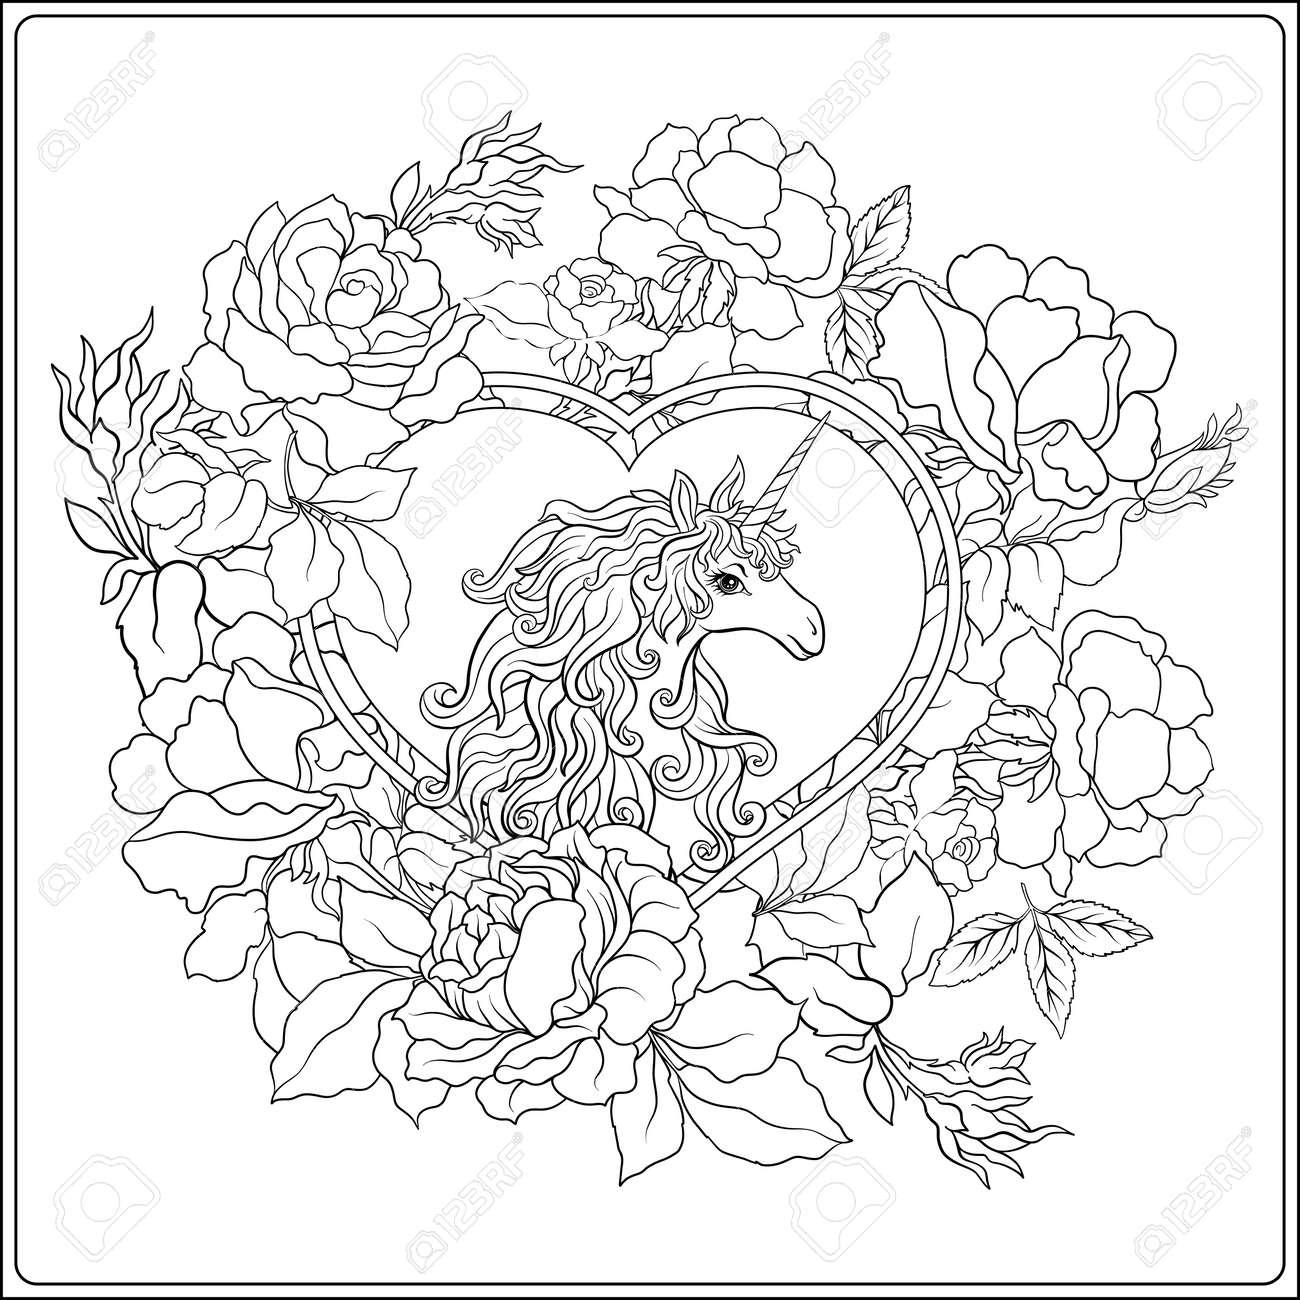 ユニコーン組成物はバラの花束に囲まれたユニコーンで構成されます